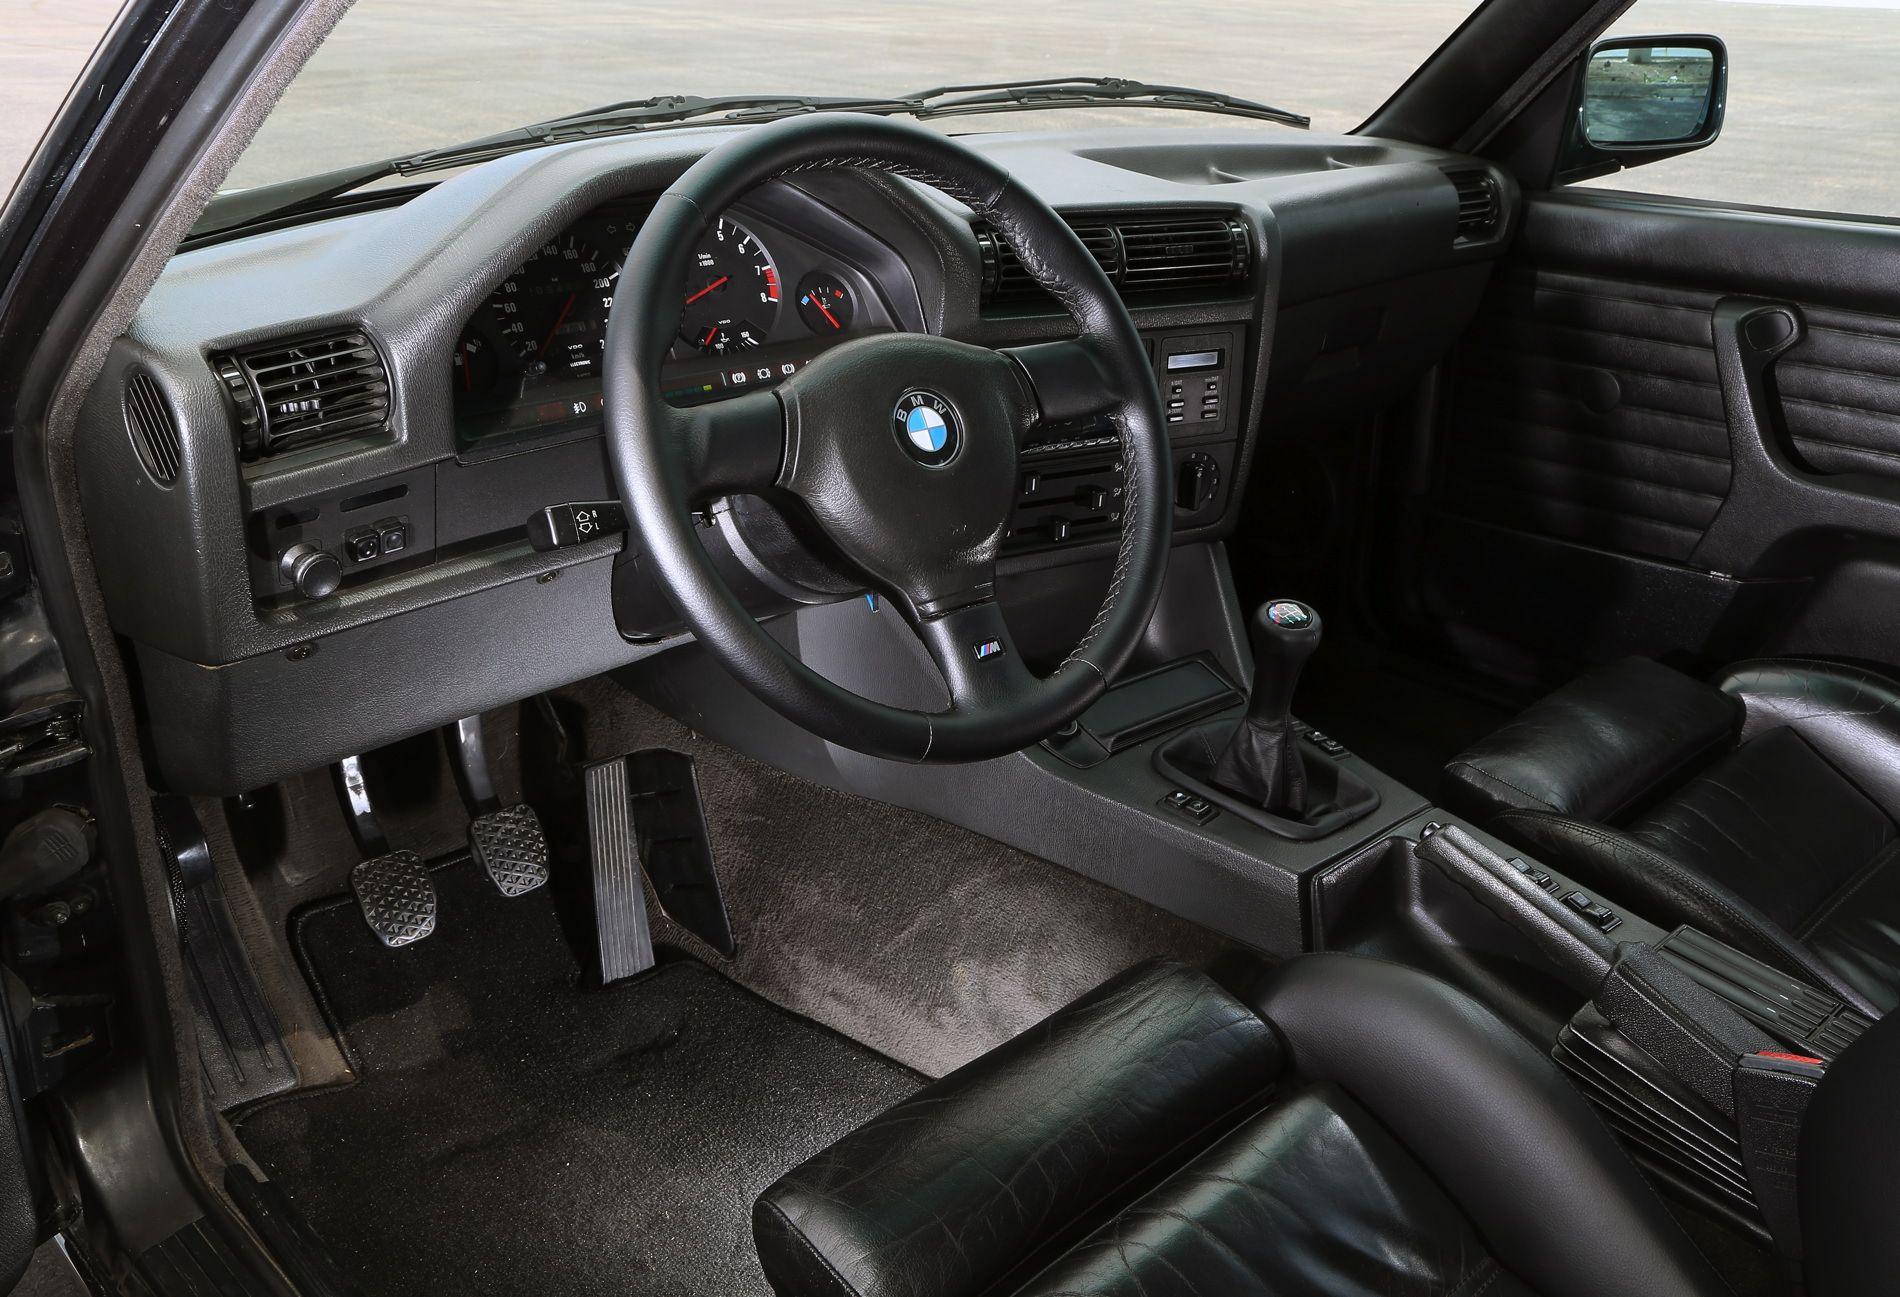 Interior Of Bmw E30 Bmw E30 Bmw E30 Touring E30